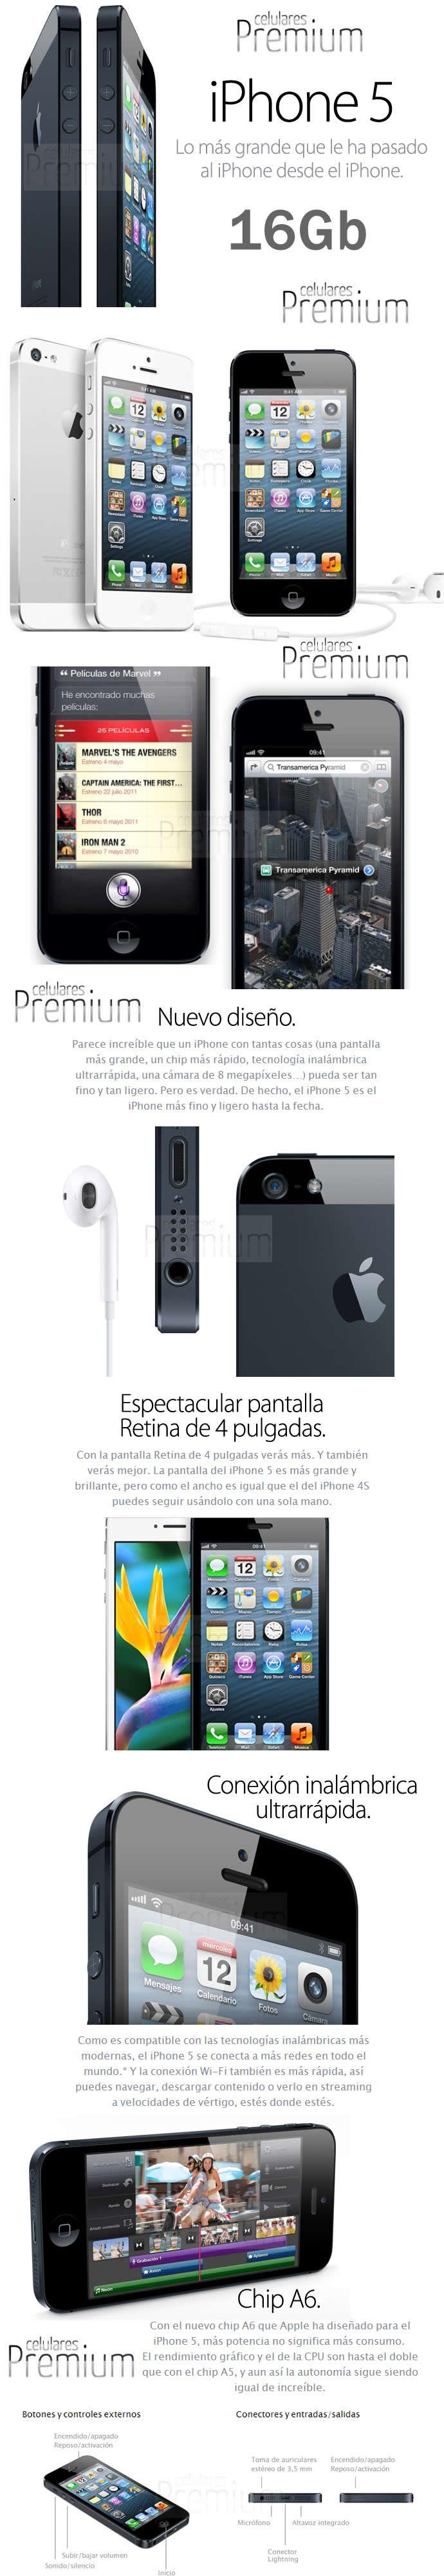 Comprar nuevo iphone 5 liberado buenos aires precio